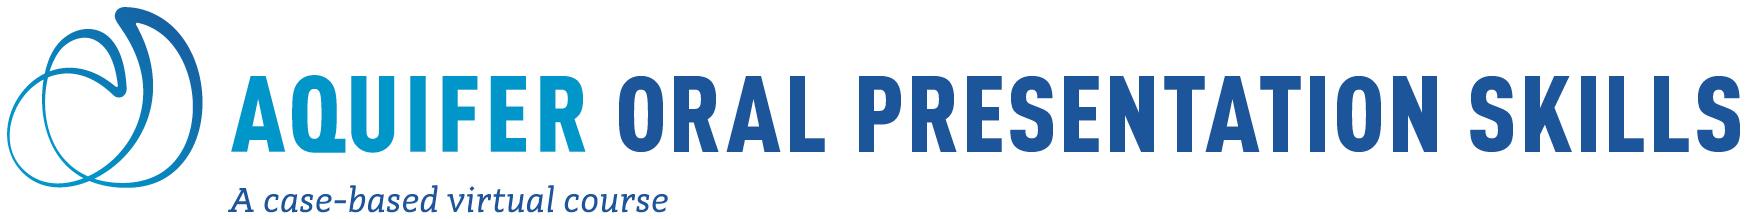 Aquifer Oral Presentation Skills